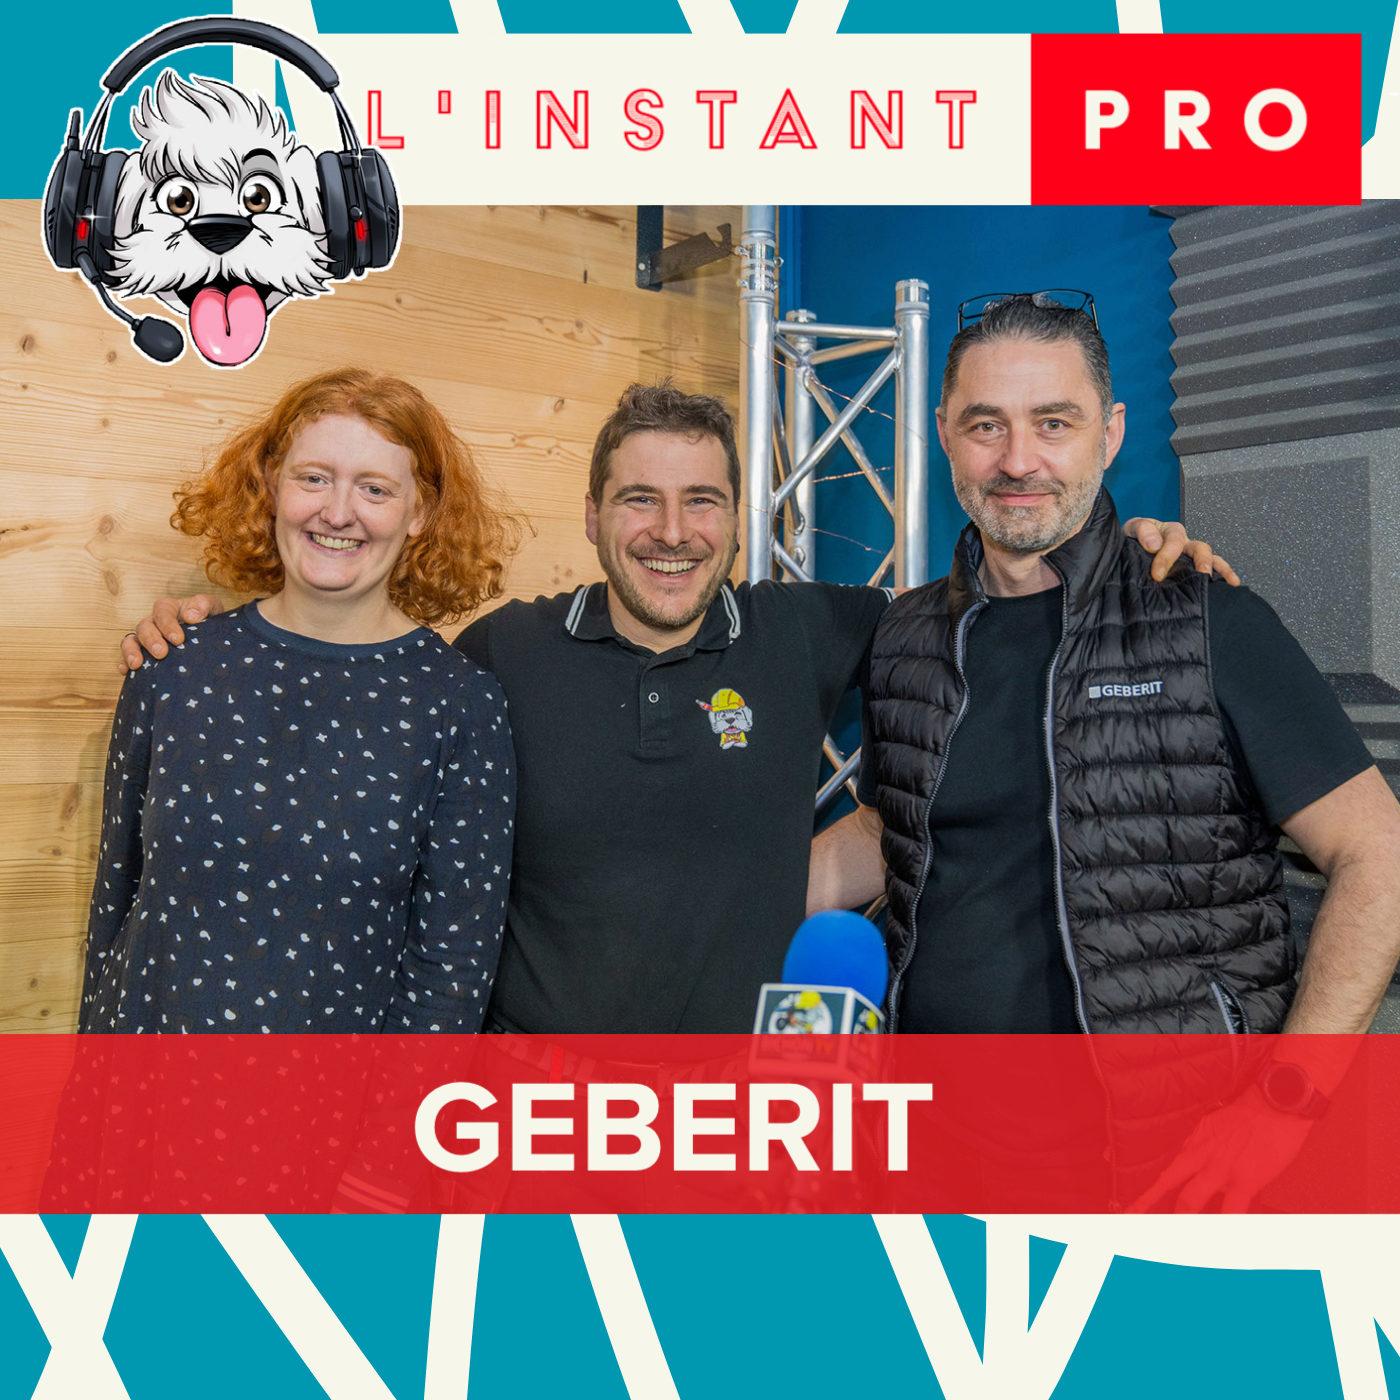 GEBERIT lance RENOVA une nouvelle gamme accessible et pro. L'instant PRO de BichonTV